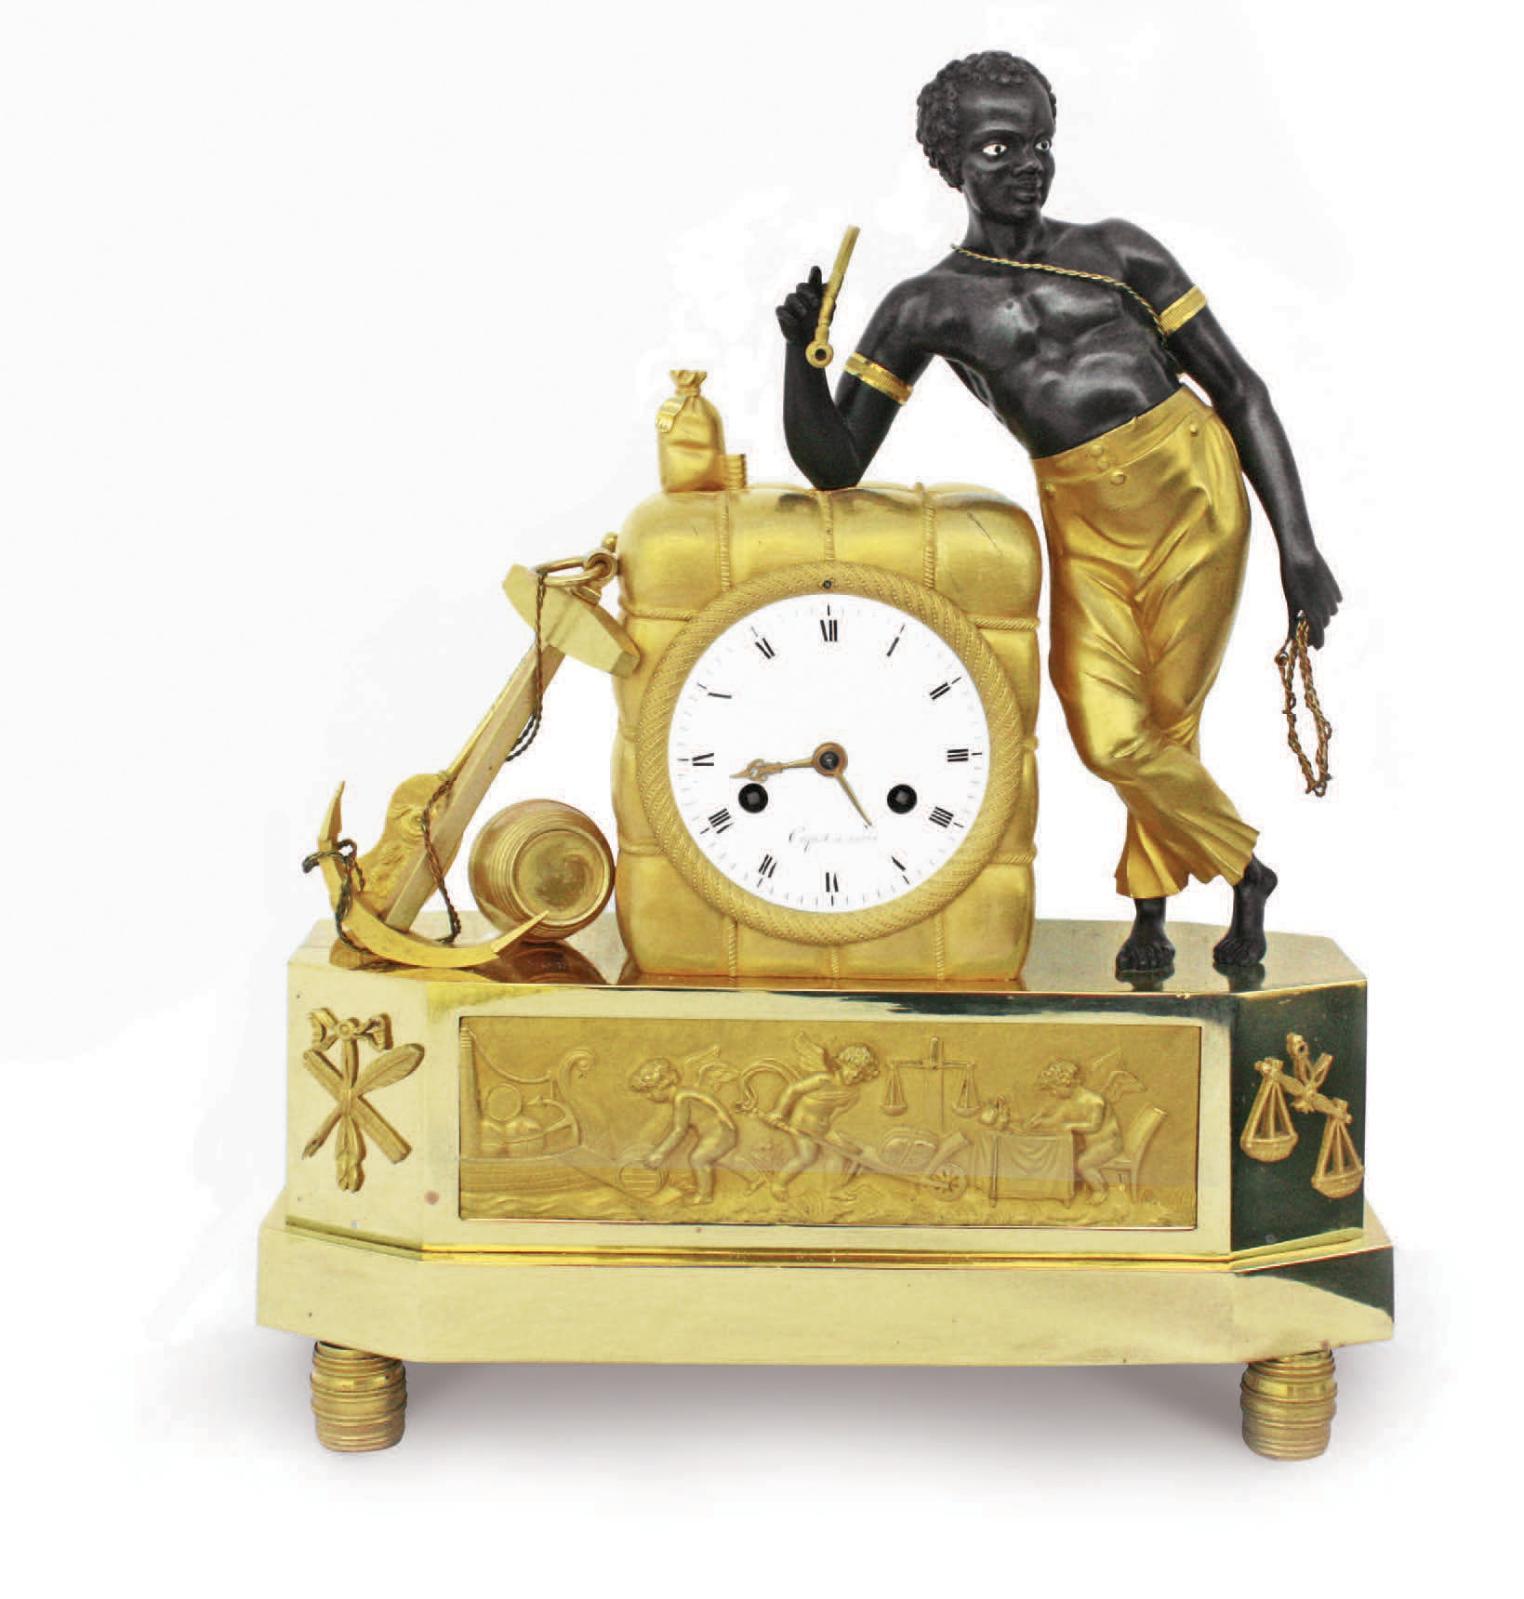 22 800 € frais compris.Pendule au matelot, bronze doré et patiné, cadran signé Coquet à Paris, début du XIXe siècle, h. 38 cm. Vannes, 28 juin 2008. J